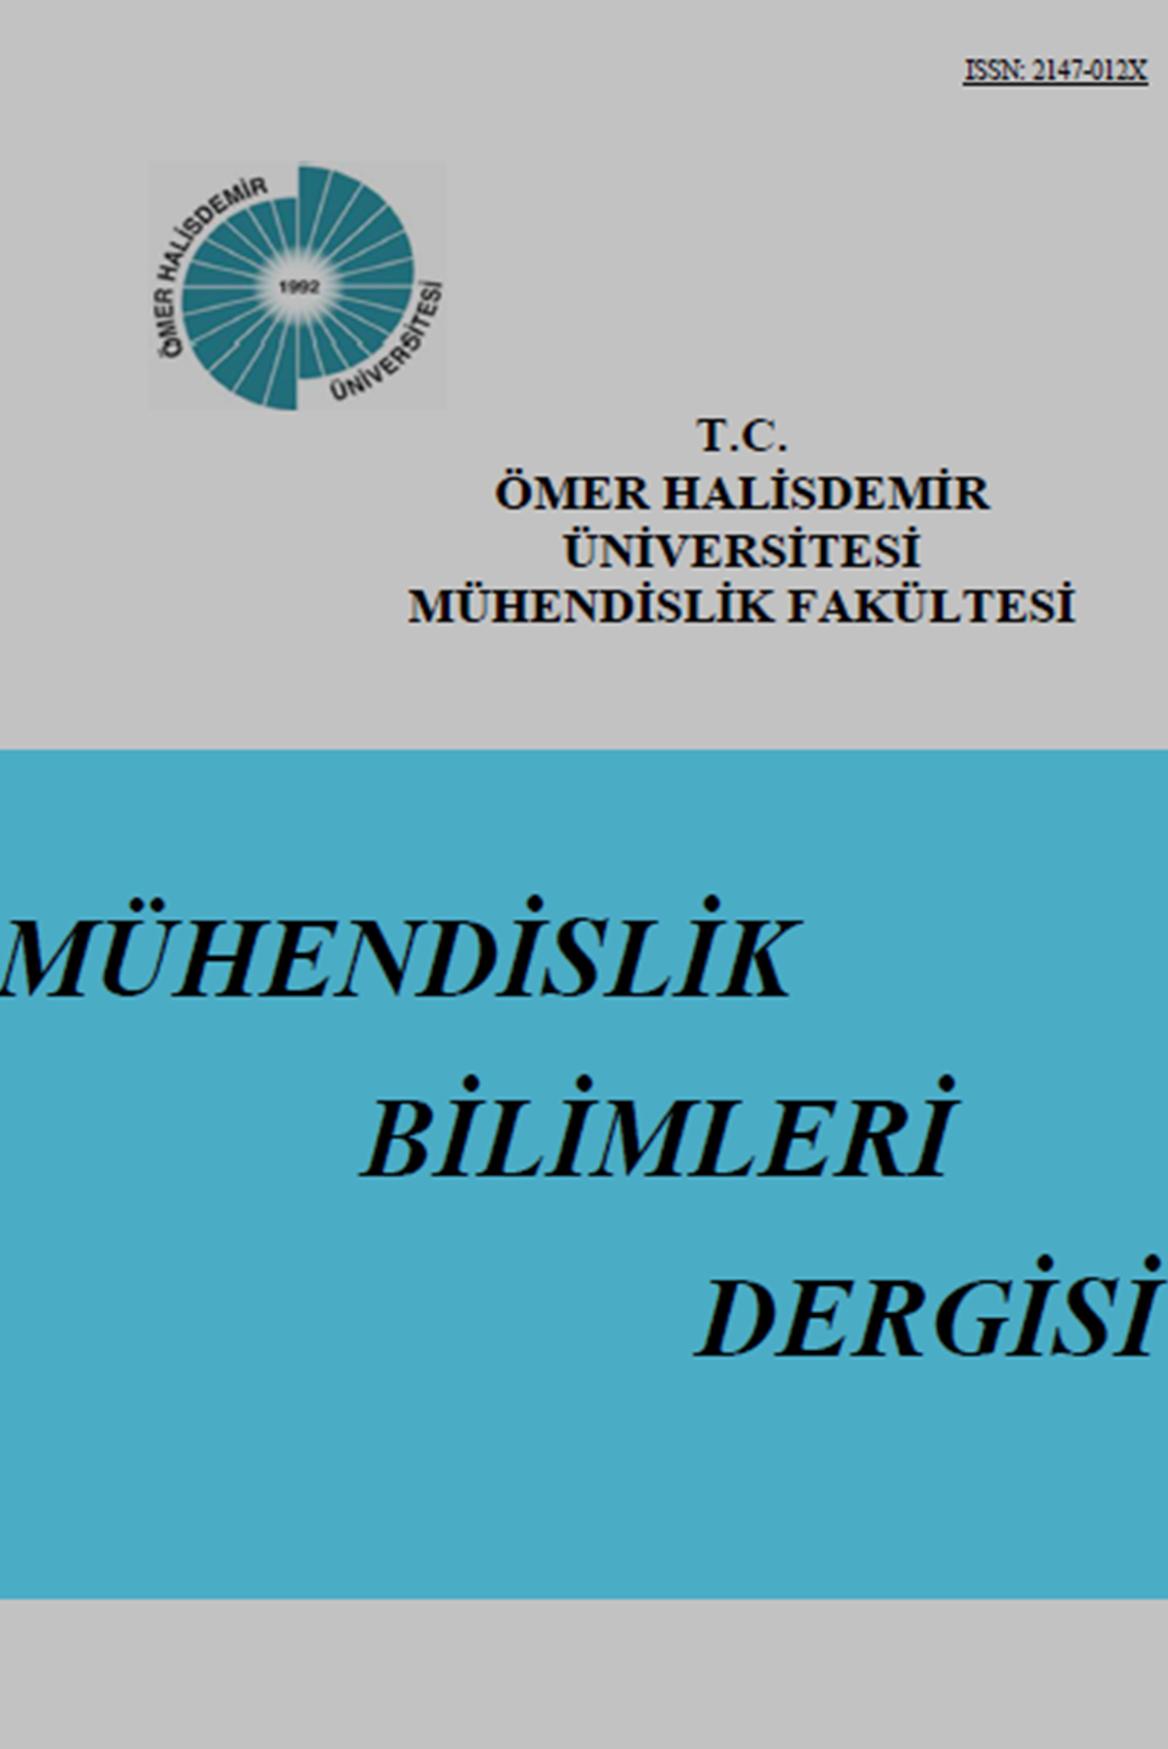 Ömer Halisdemir Üniversitesi Mühendislik Bilimleri Dergisi